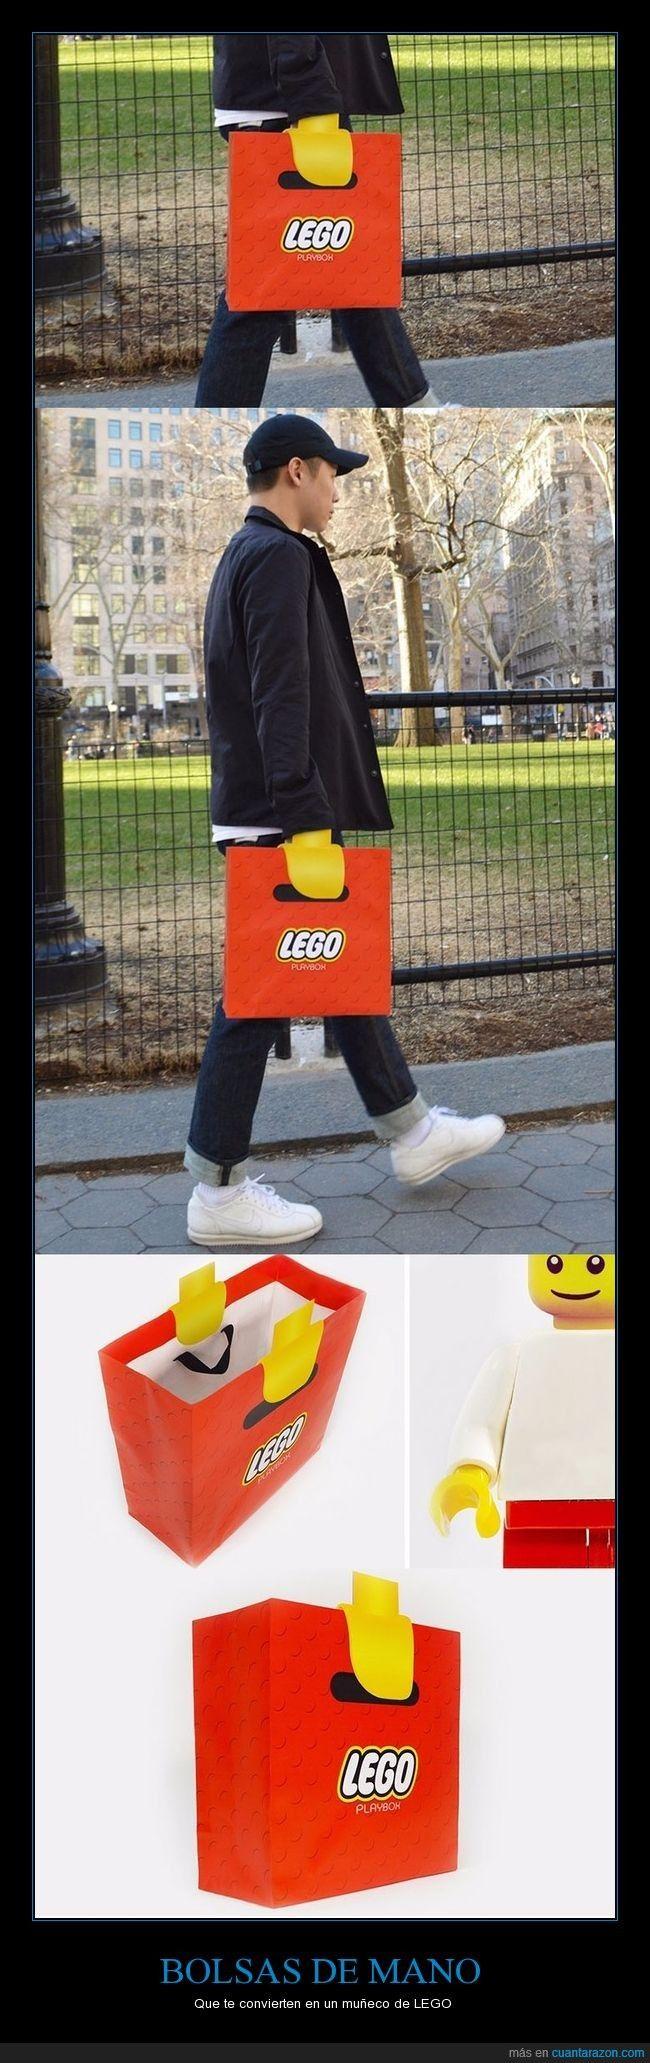 Lego ha creado estas bolsas que te convierten tus manos en manos de muñeco LEGO - Que te convierten en un muñeco de LEGO